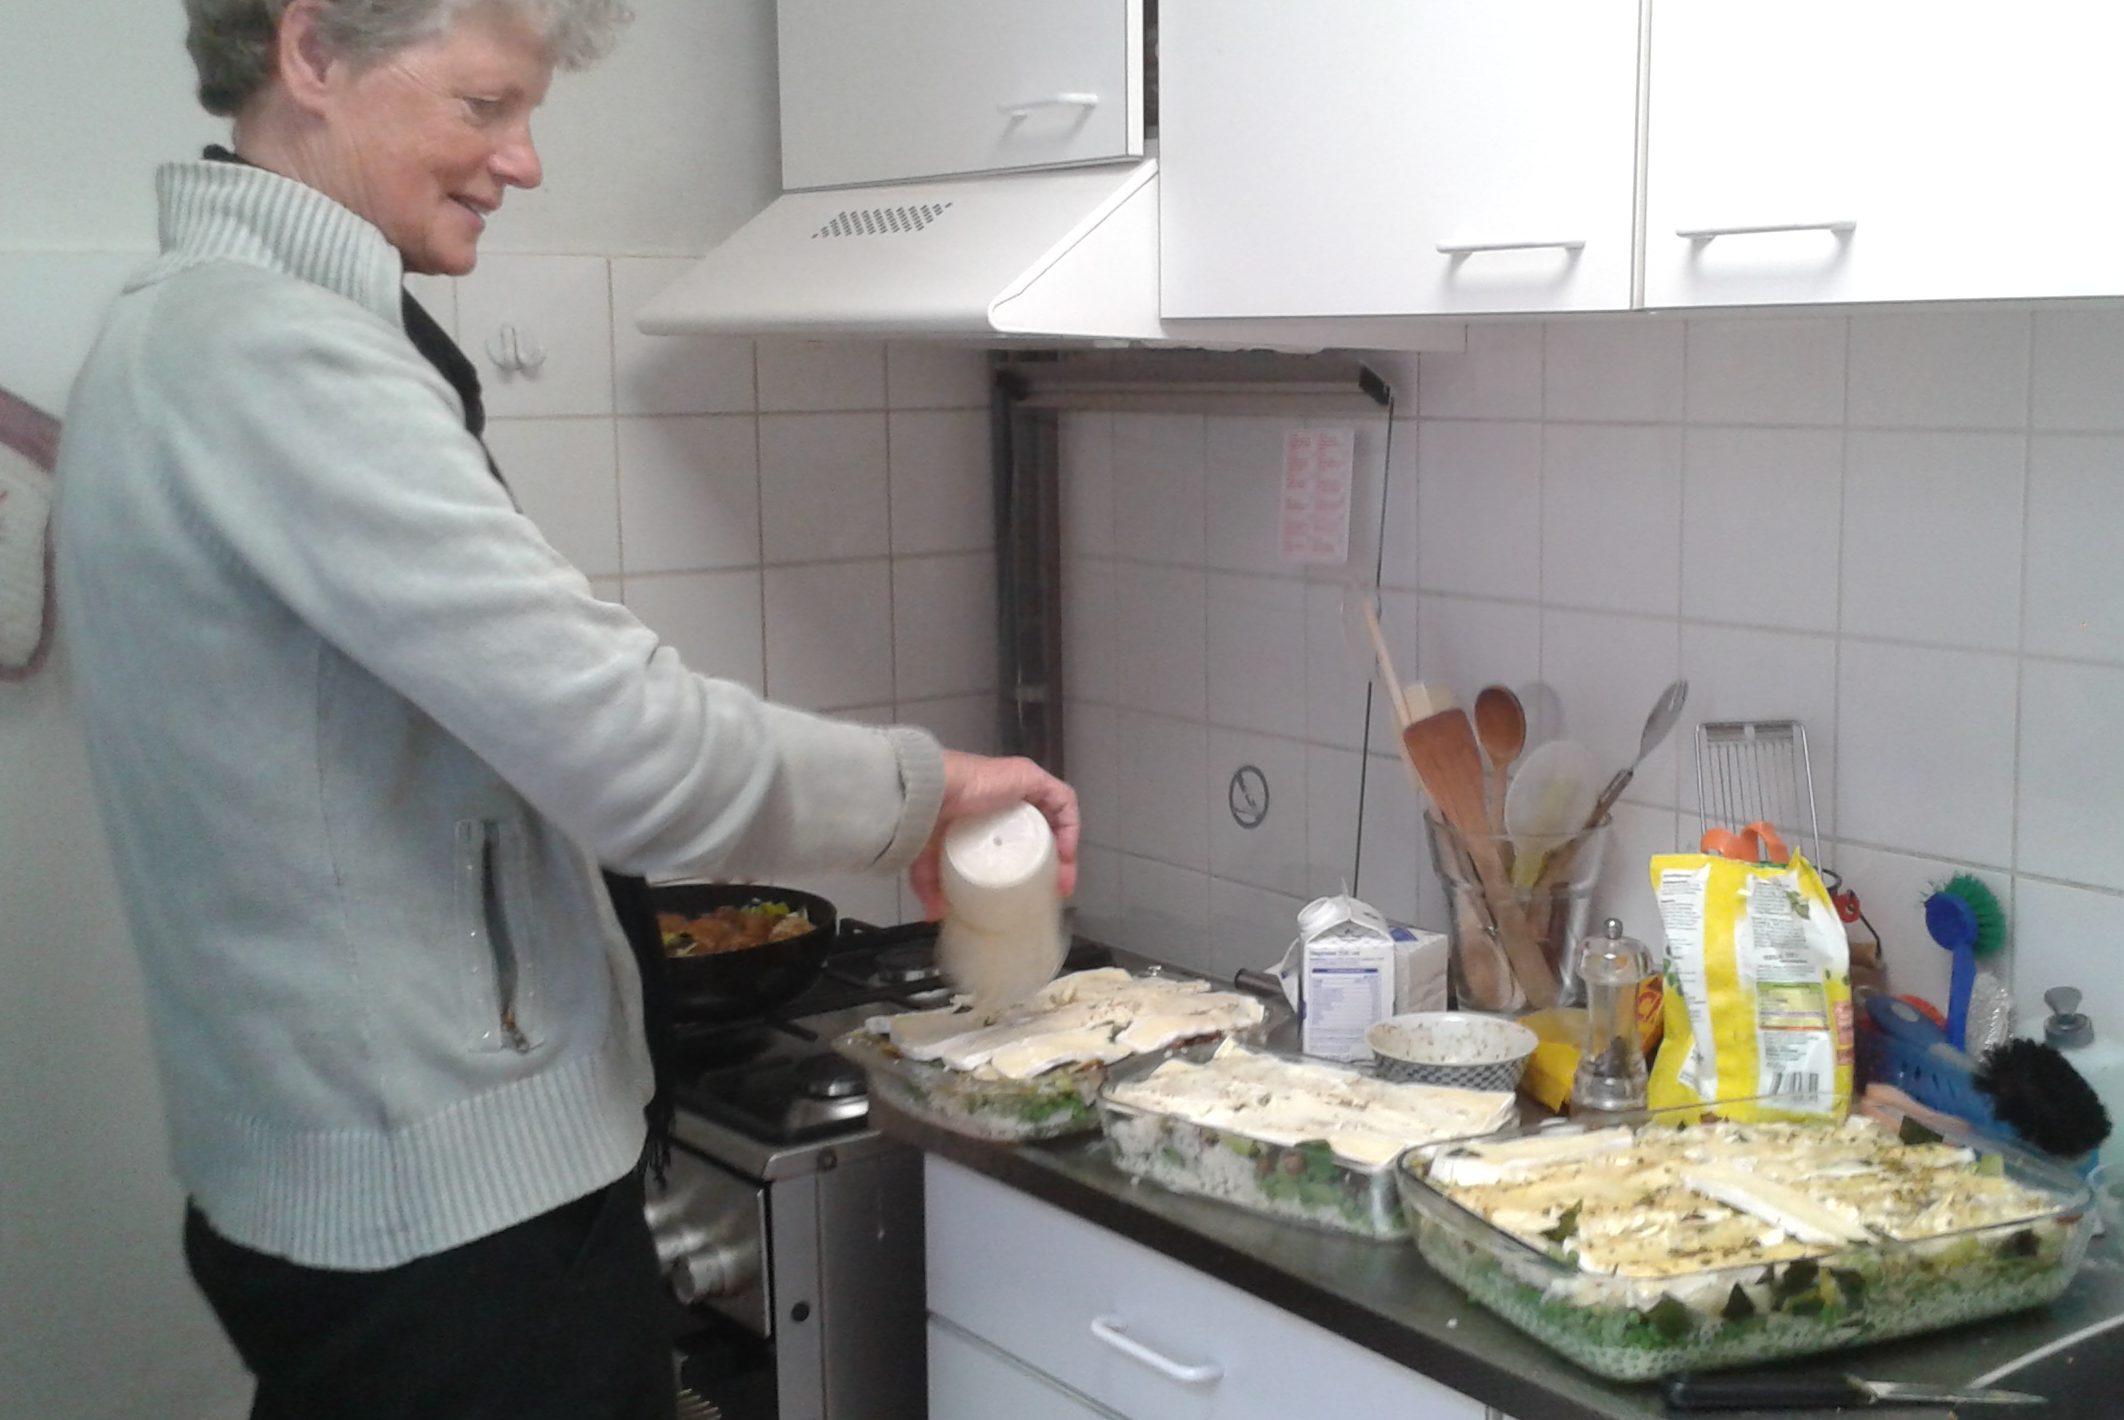 Mij is gevraagd waarom ik het koken in het DAC zo leuk vind. Nu dat zijn een paar dingen :De gezelligheid  en de saamhorigheid. En het allerbelangrijkst zijn de geweldige reacties van de gasten, als we de maaltijd bij hen opdienen (Teuna).